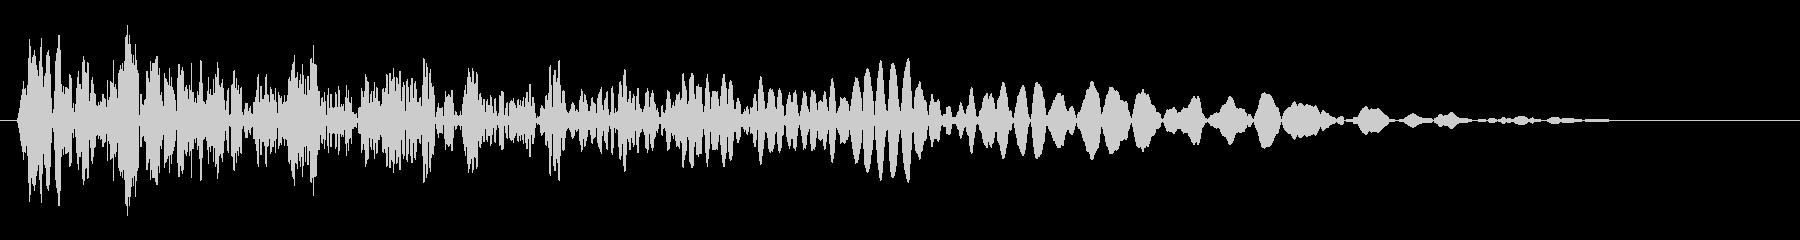 シューン(通過の音)の未再生の波形